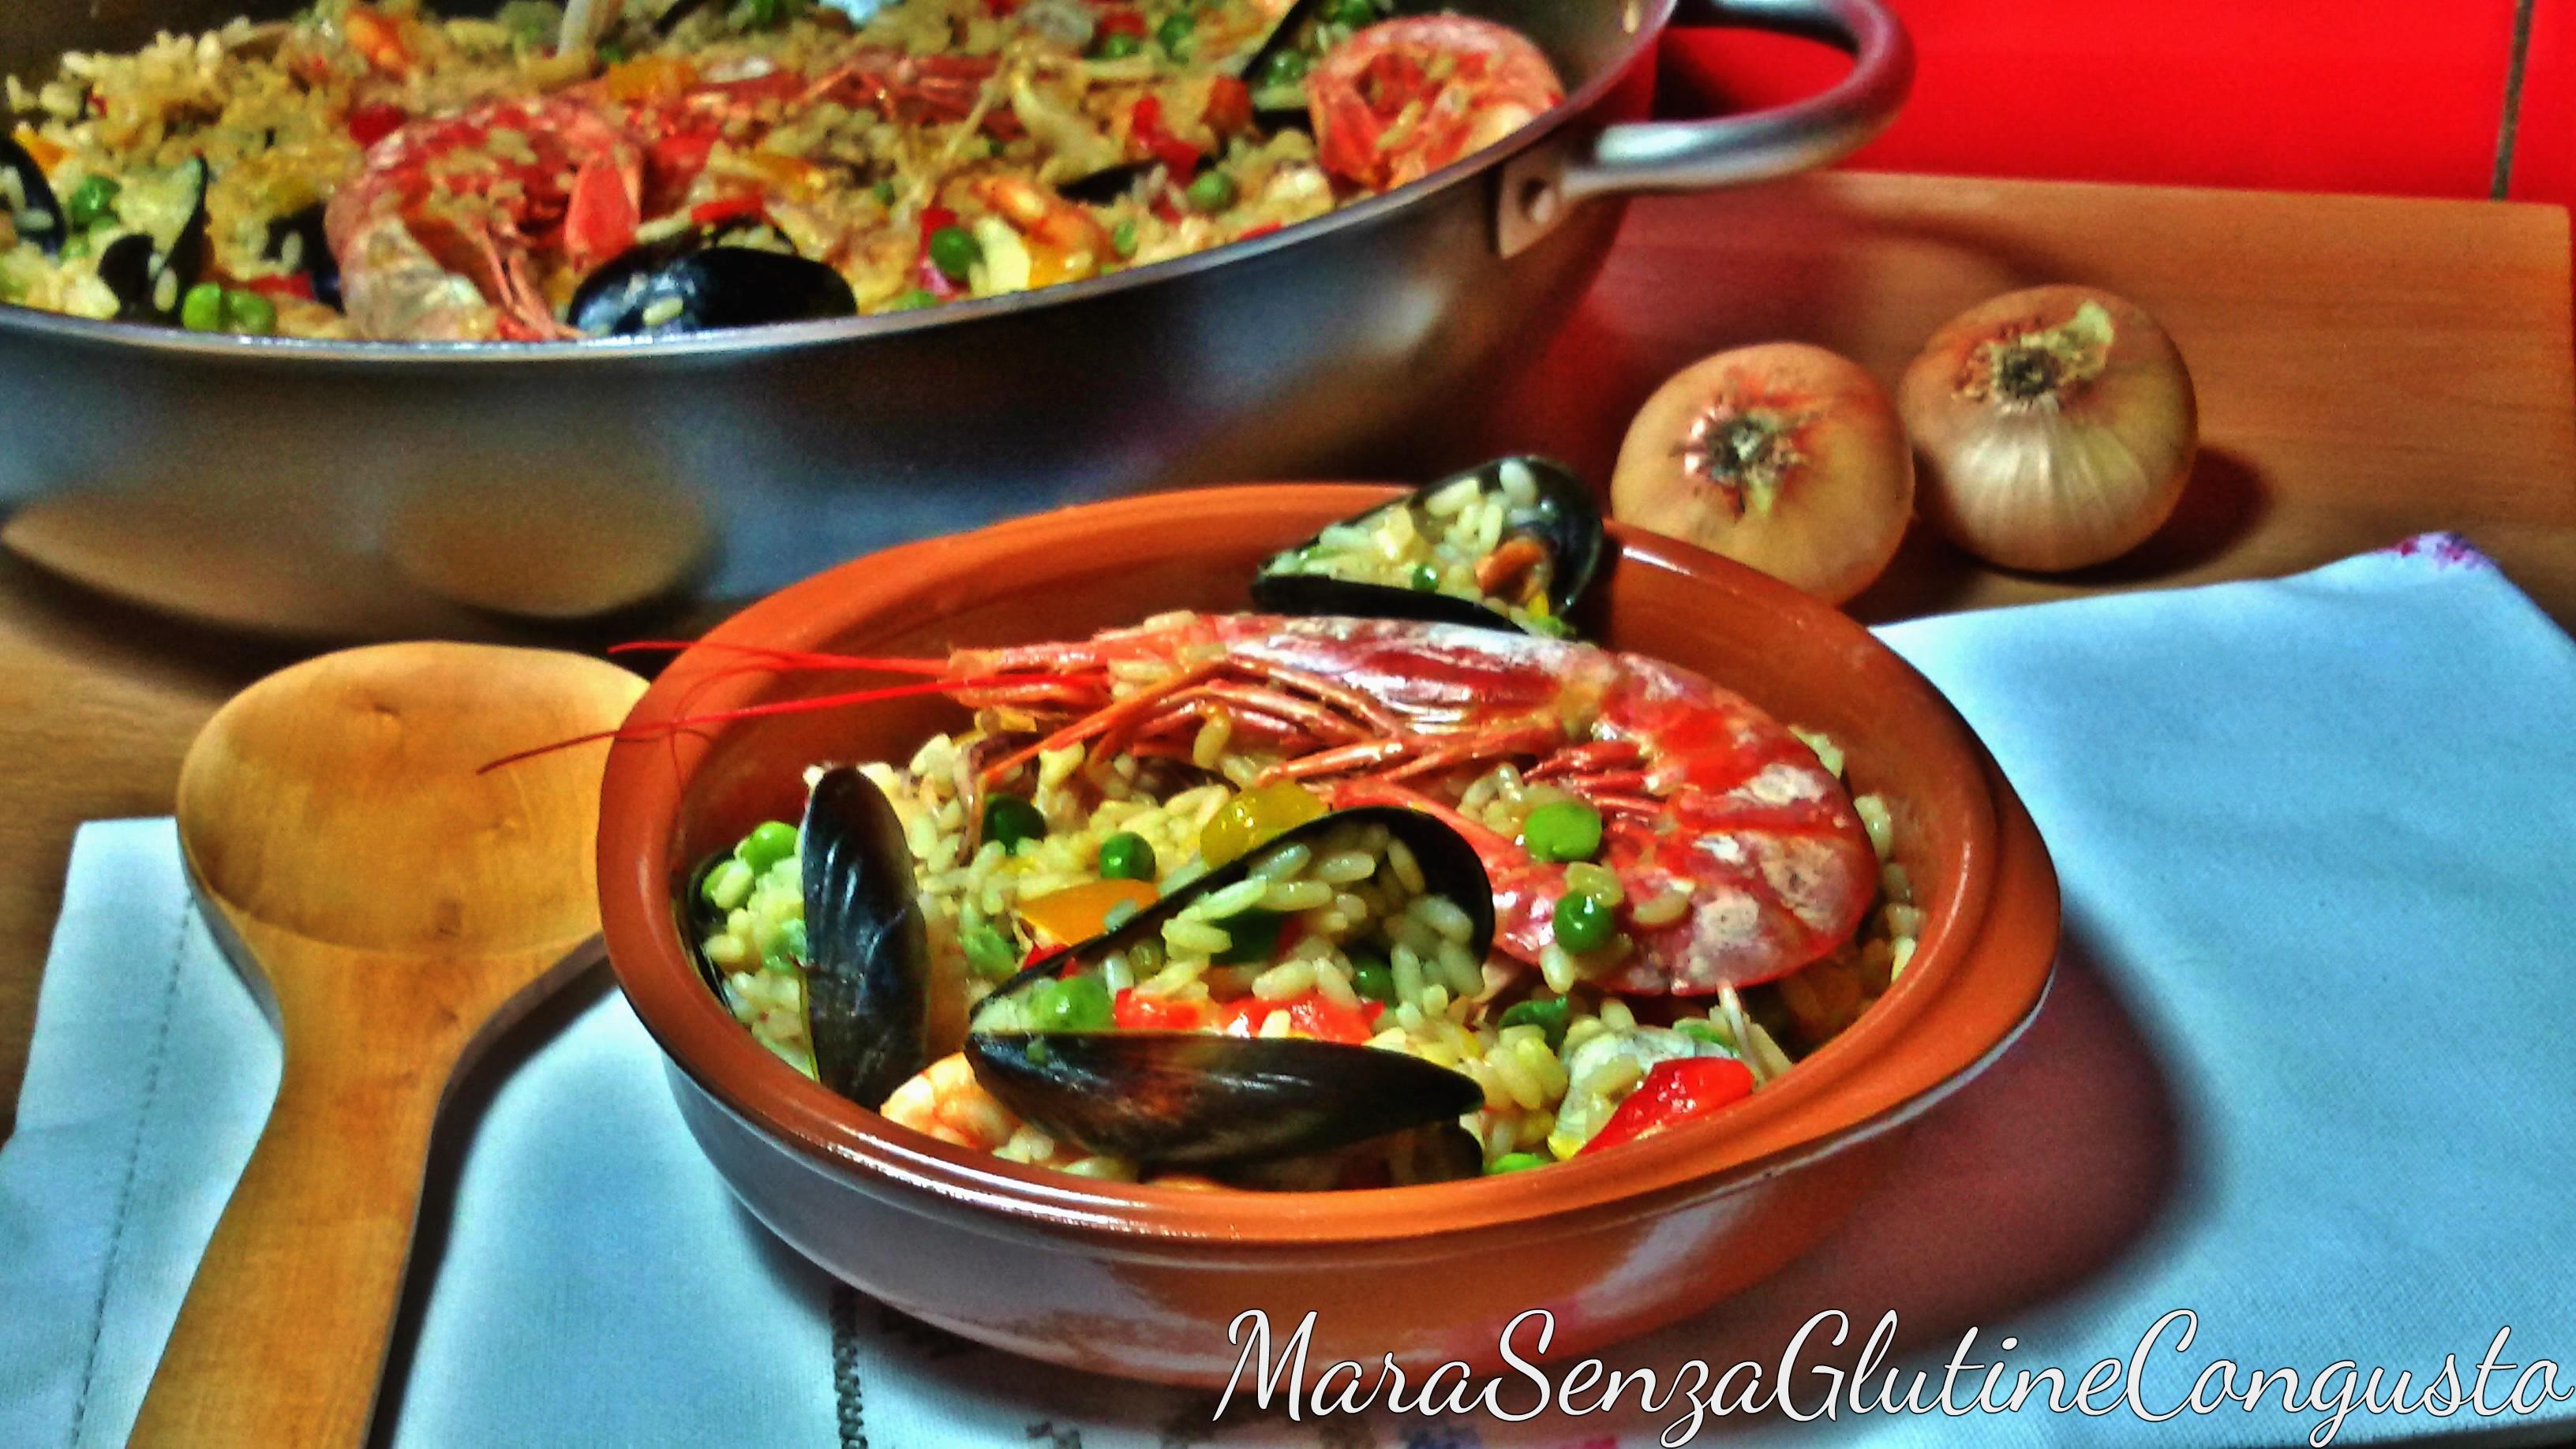 Paella Senza Glutine Di Pesce E Verdure Marasenzaglutinecongusto